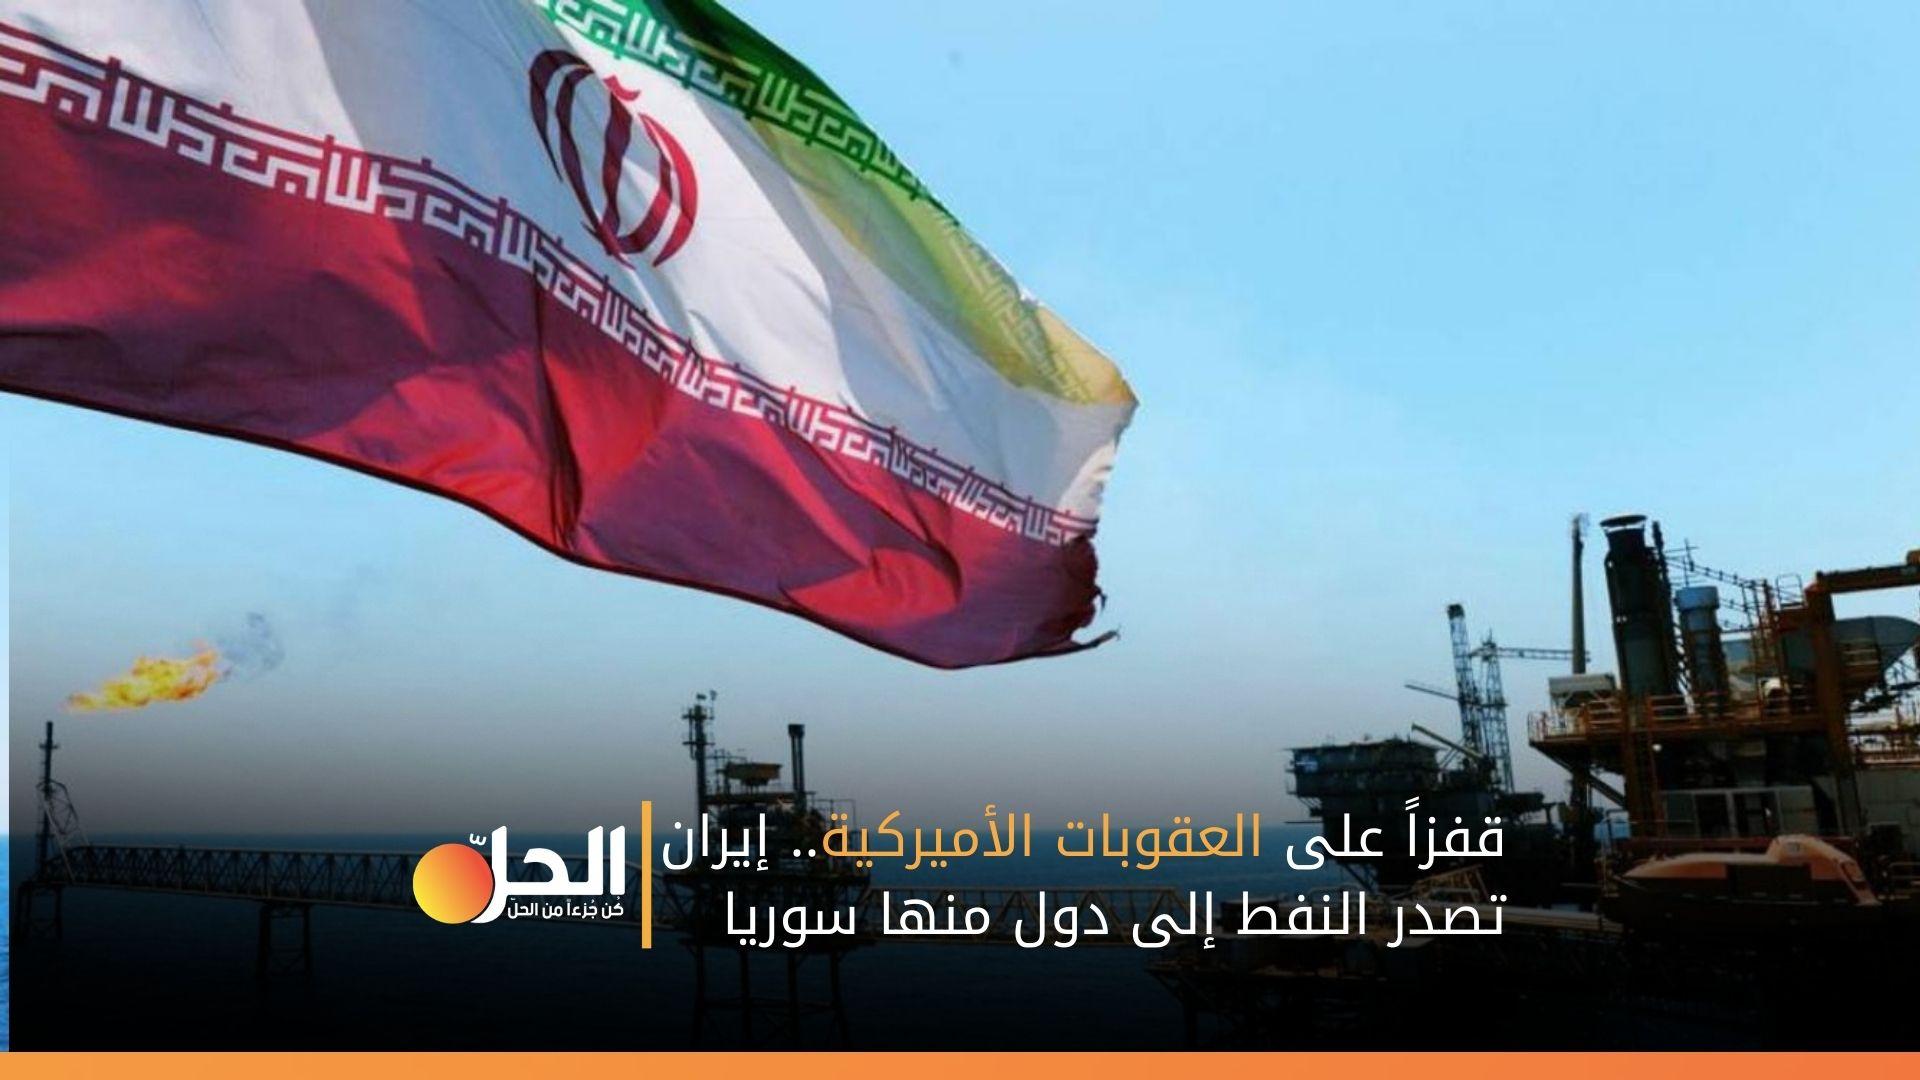 قفزاً على العقوبات الأميركية.. إيران تصدر النفط إلى دول منها سوريا